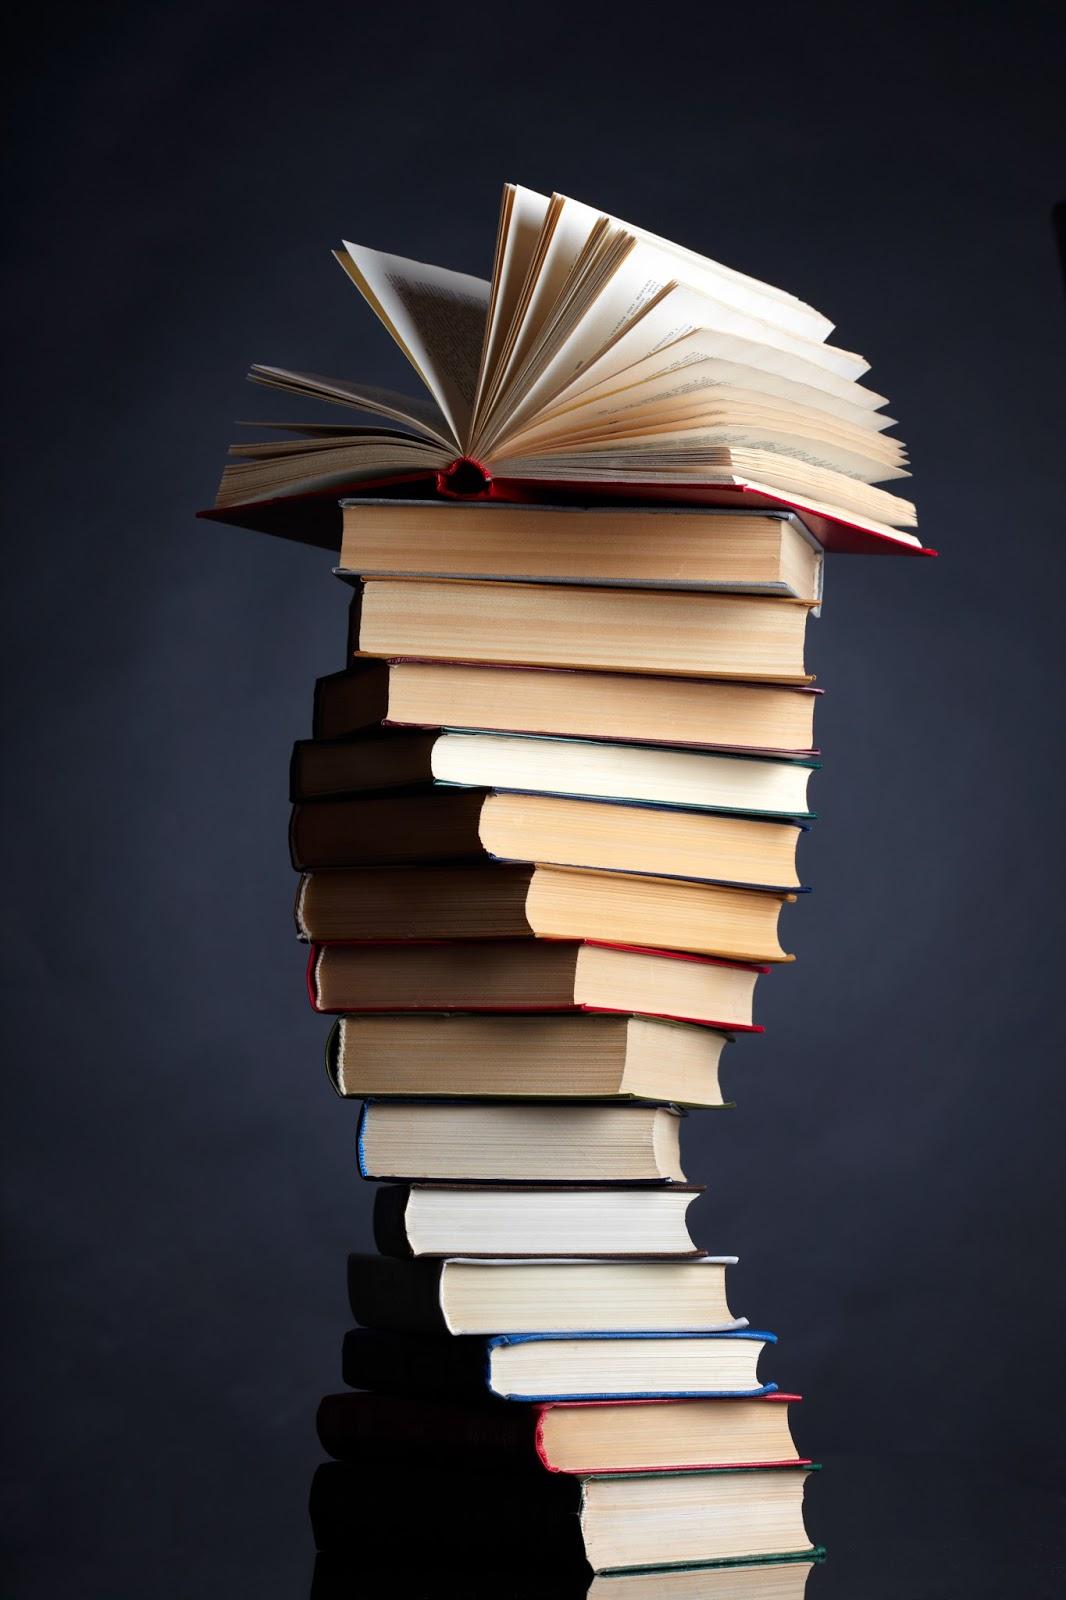 In sách giá rẻ, in sách màu giá rẻ, cách in sách, báo giá in sách, in sách, sách bìa cứng,